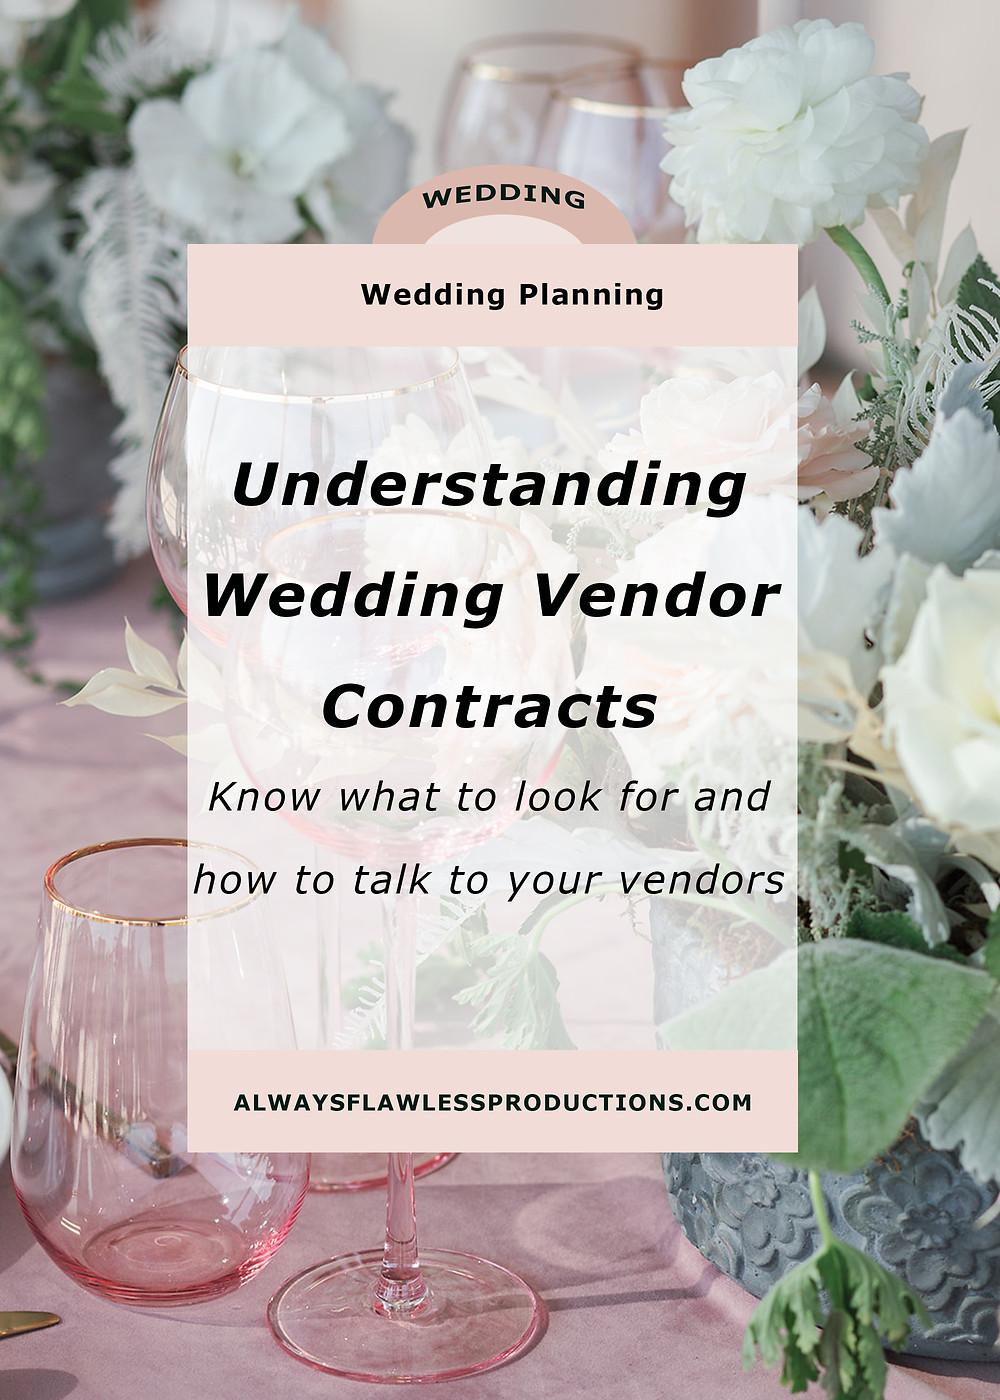 Understanding Wedding Vendor Contracts